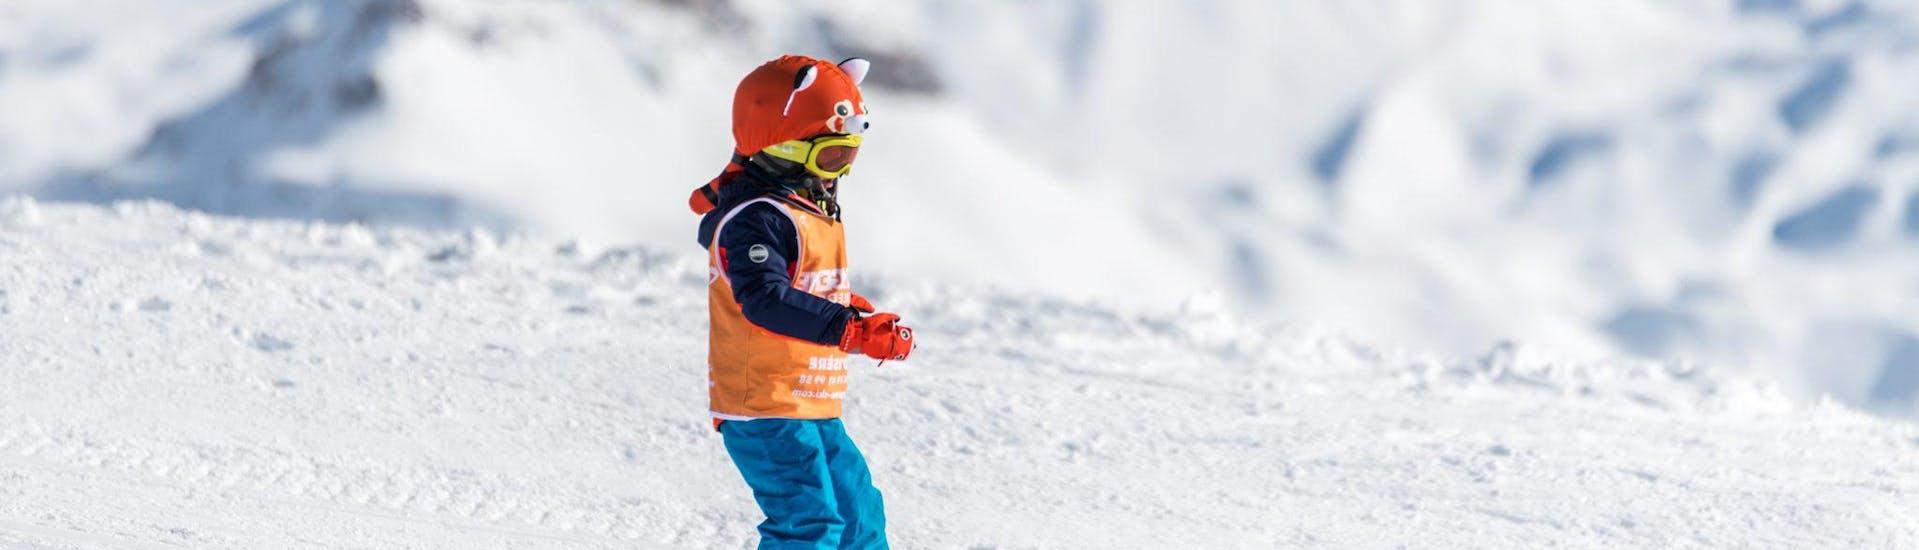 Un enfant prend un Cours particulier de ski Enfants - Basse saison avec notre partenaire Starski Grand Bornand.